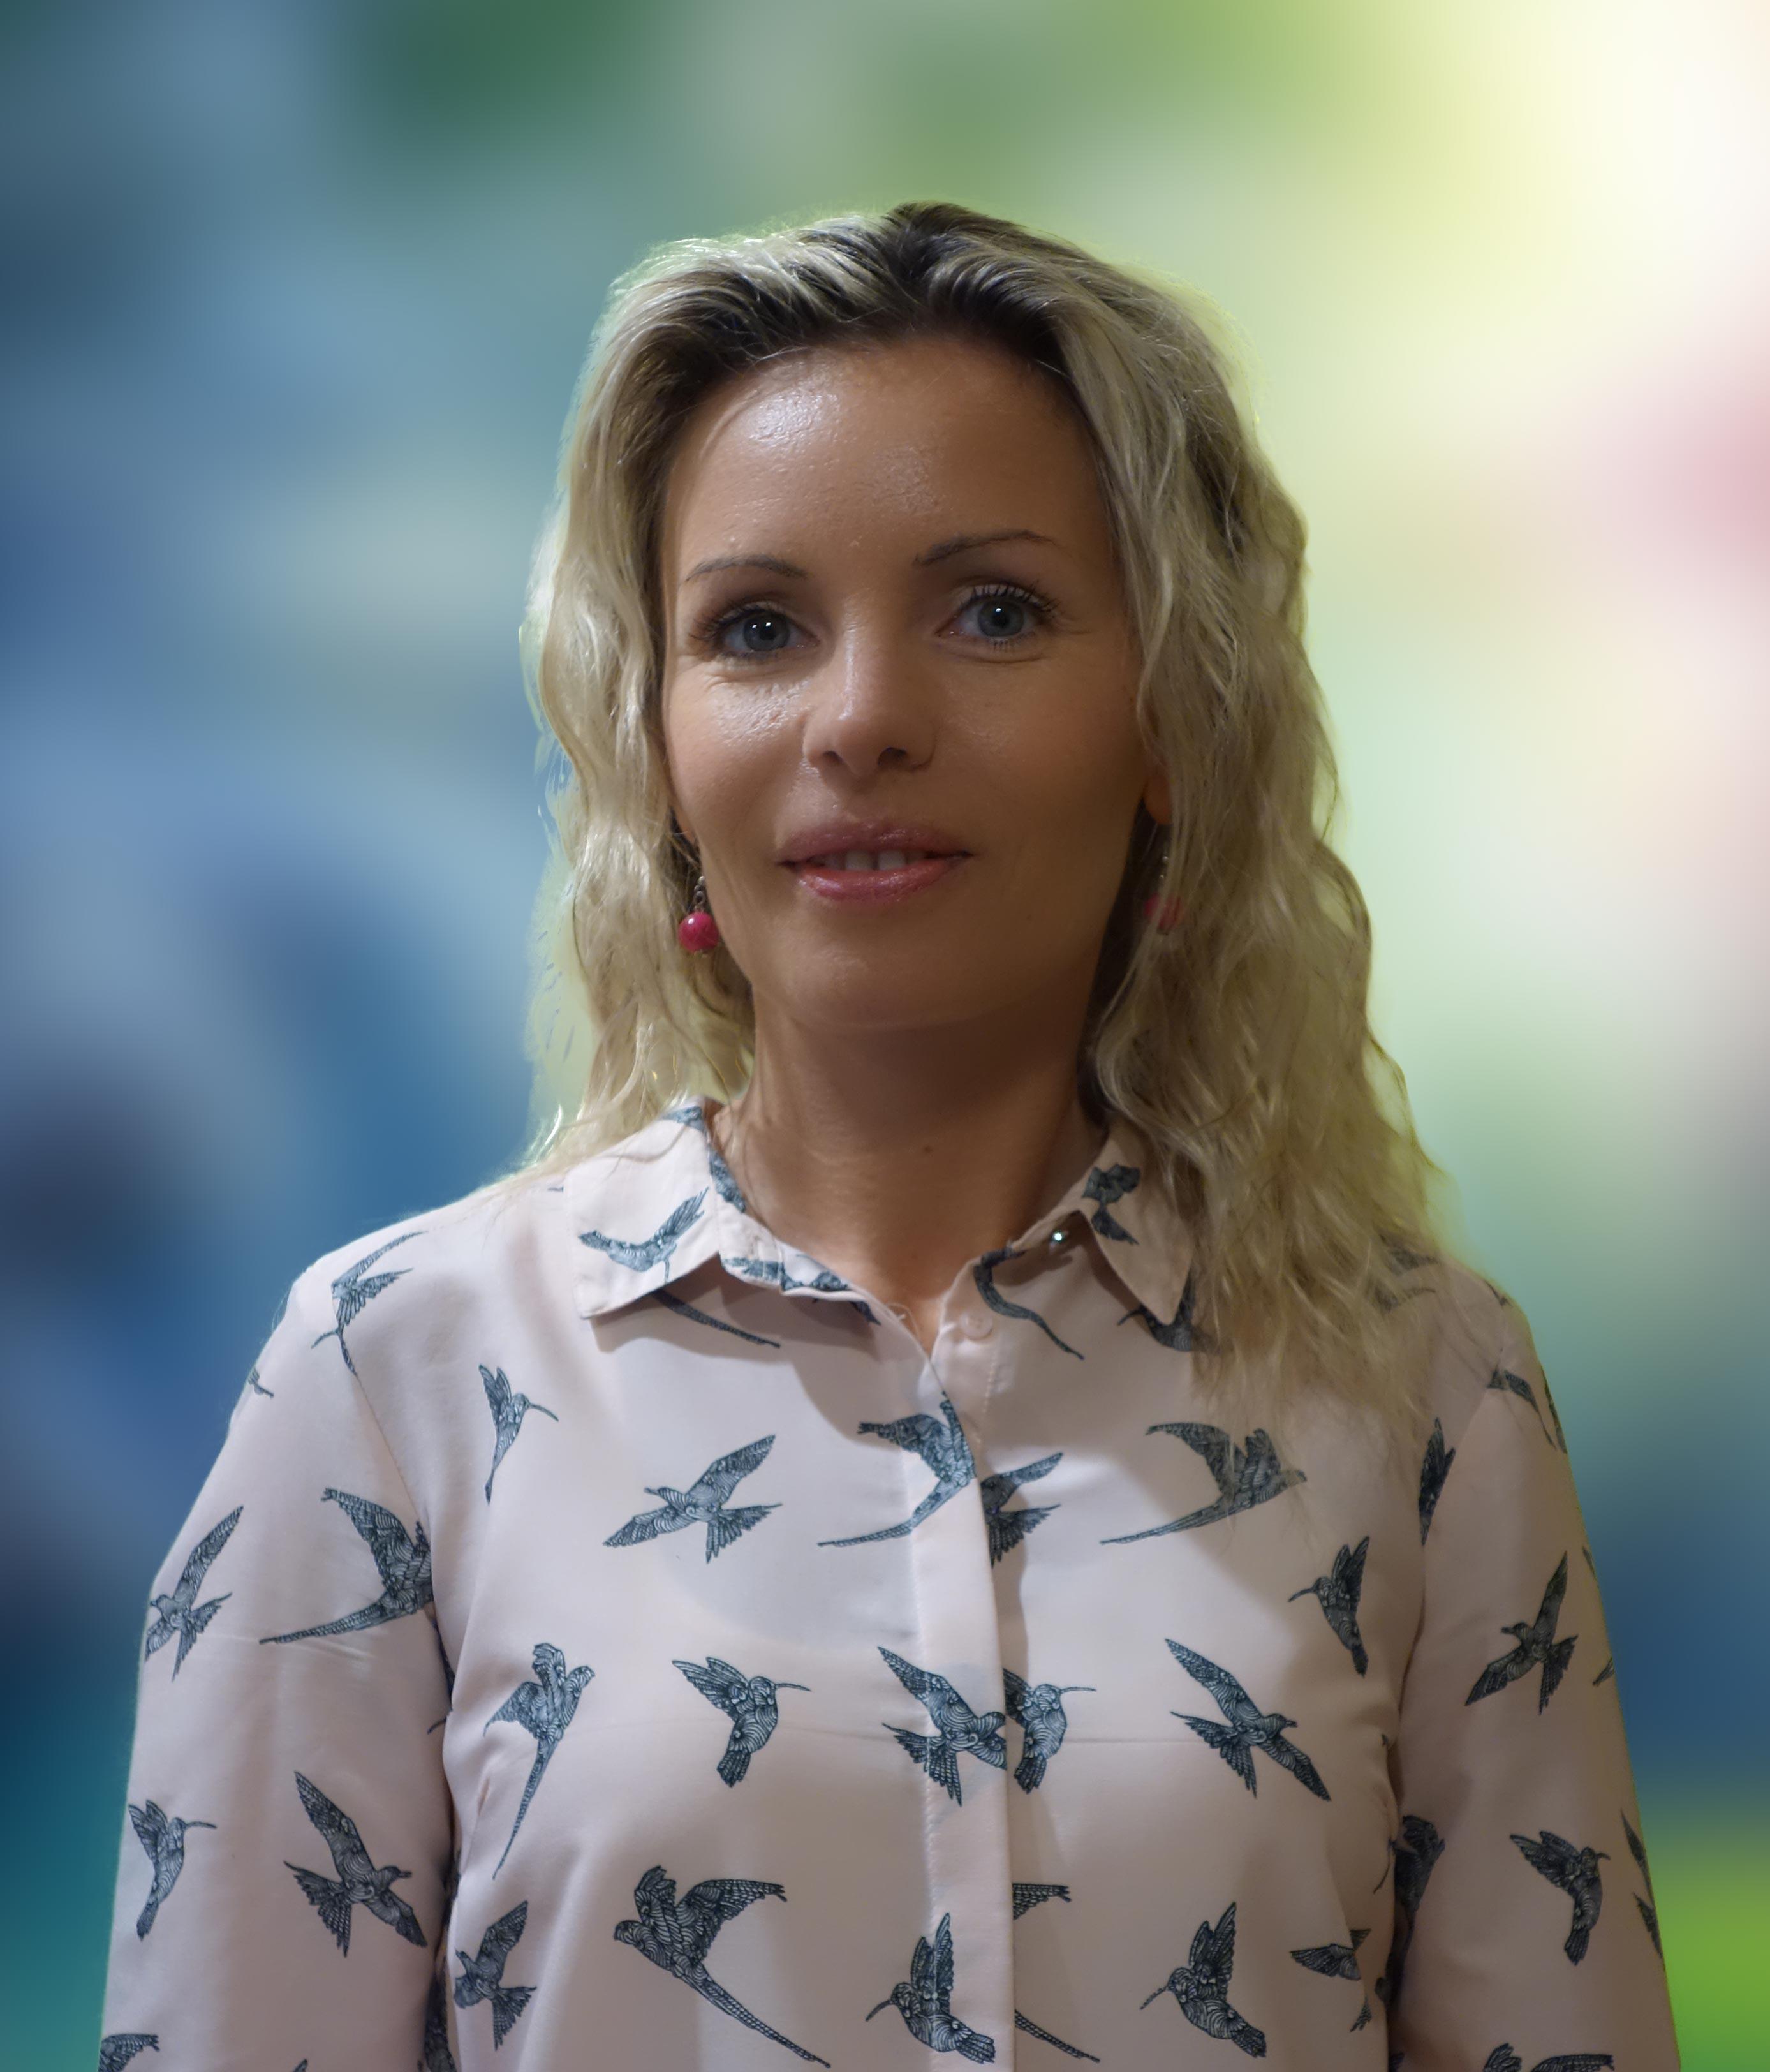 Agnieszka Chmura